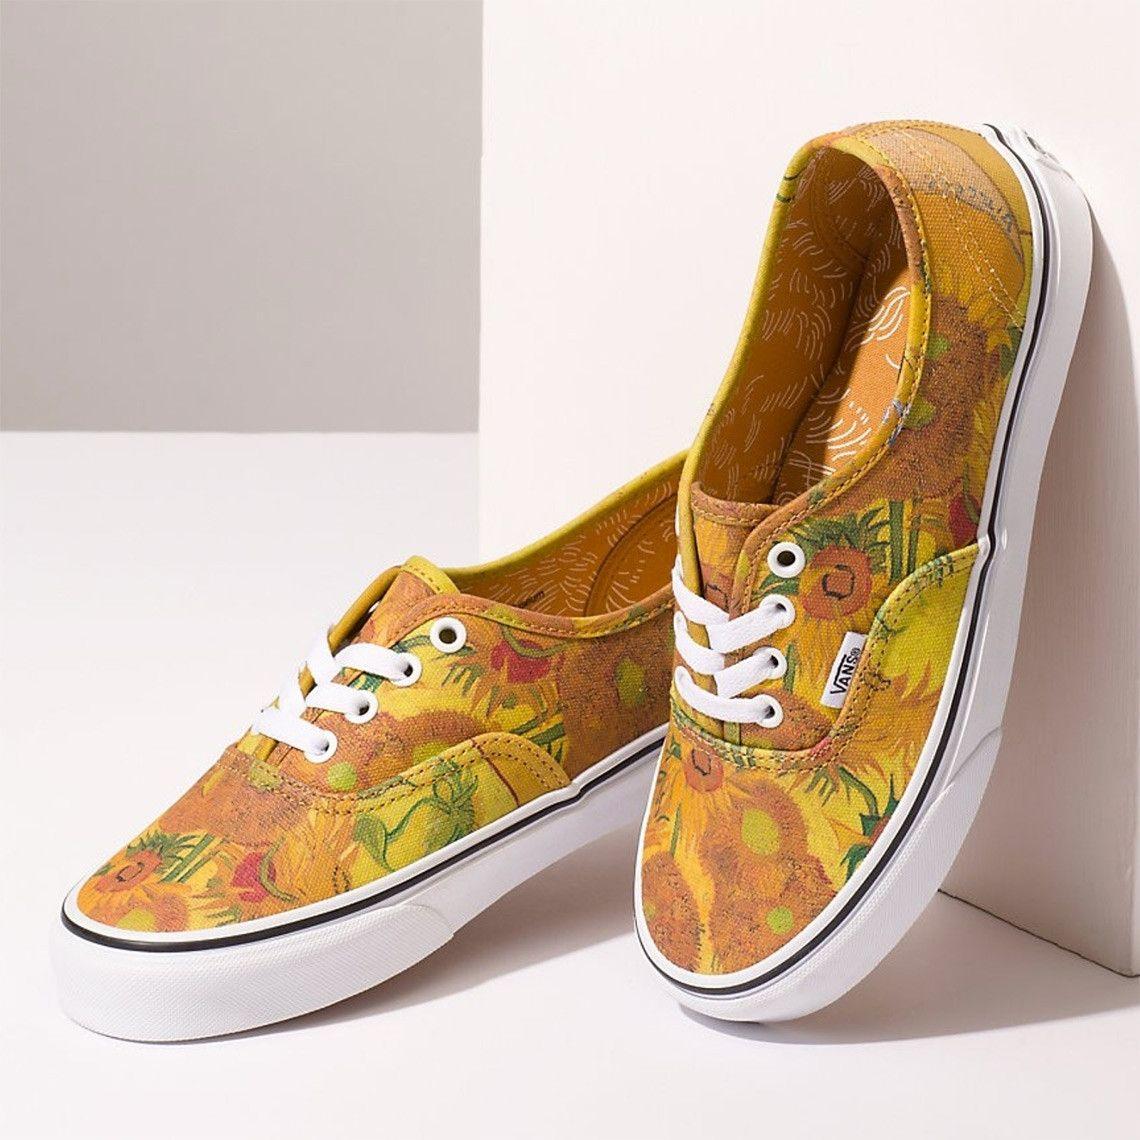 Van Gogh Vans Shoes First Look Release Info Vans Shoes Vans Sunflower Vans